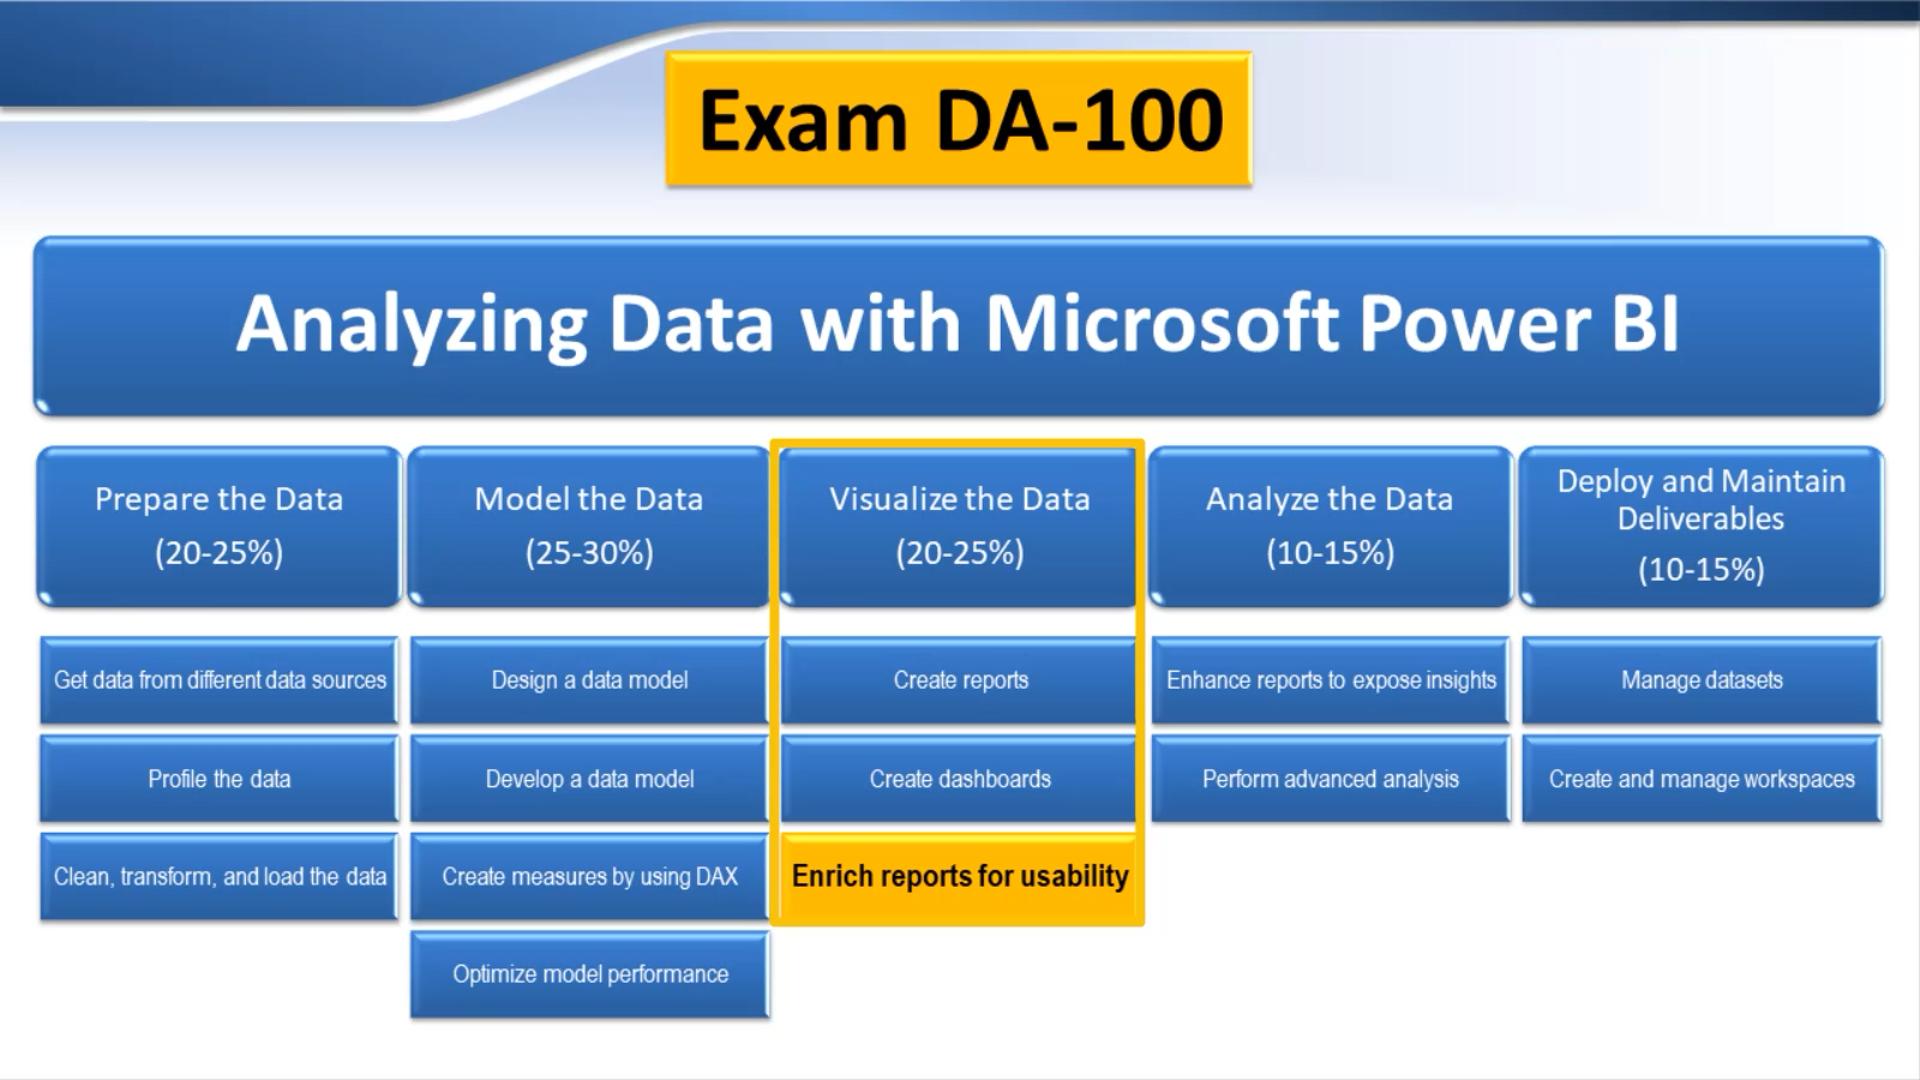 Exam DA-100: Visualize the Data > Enrich reports for usability